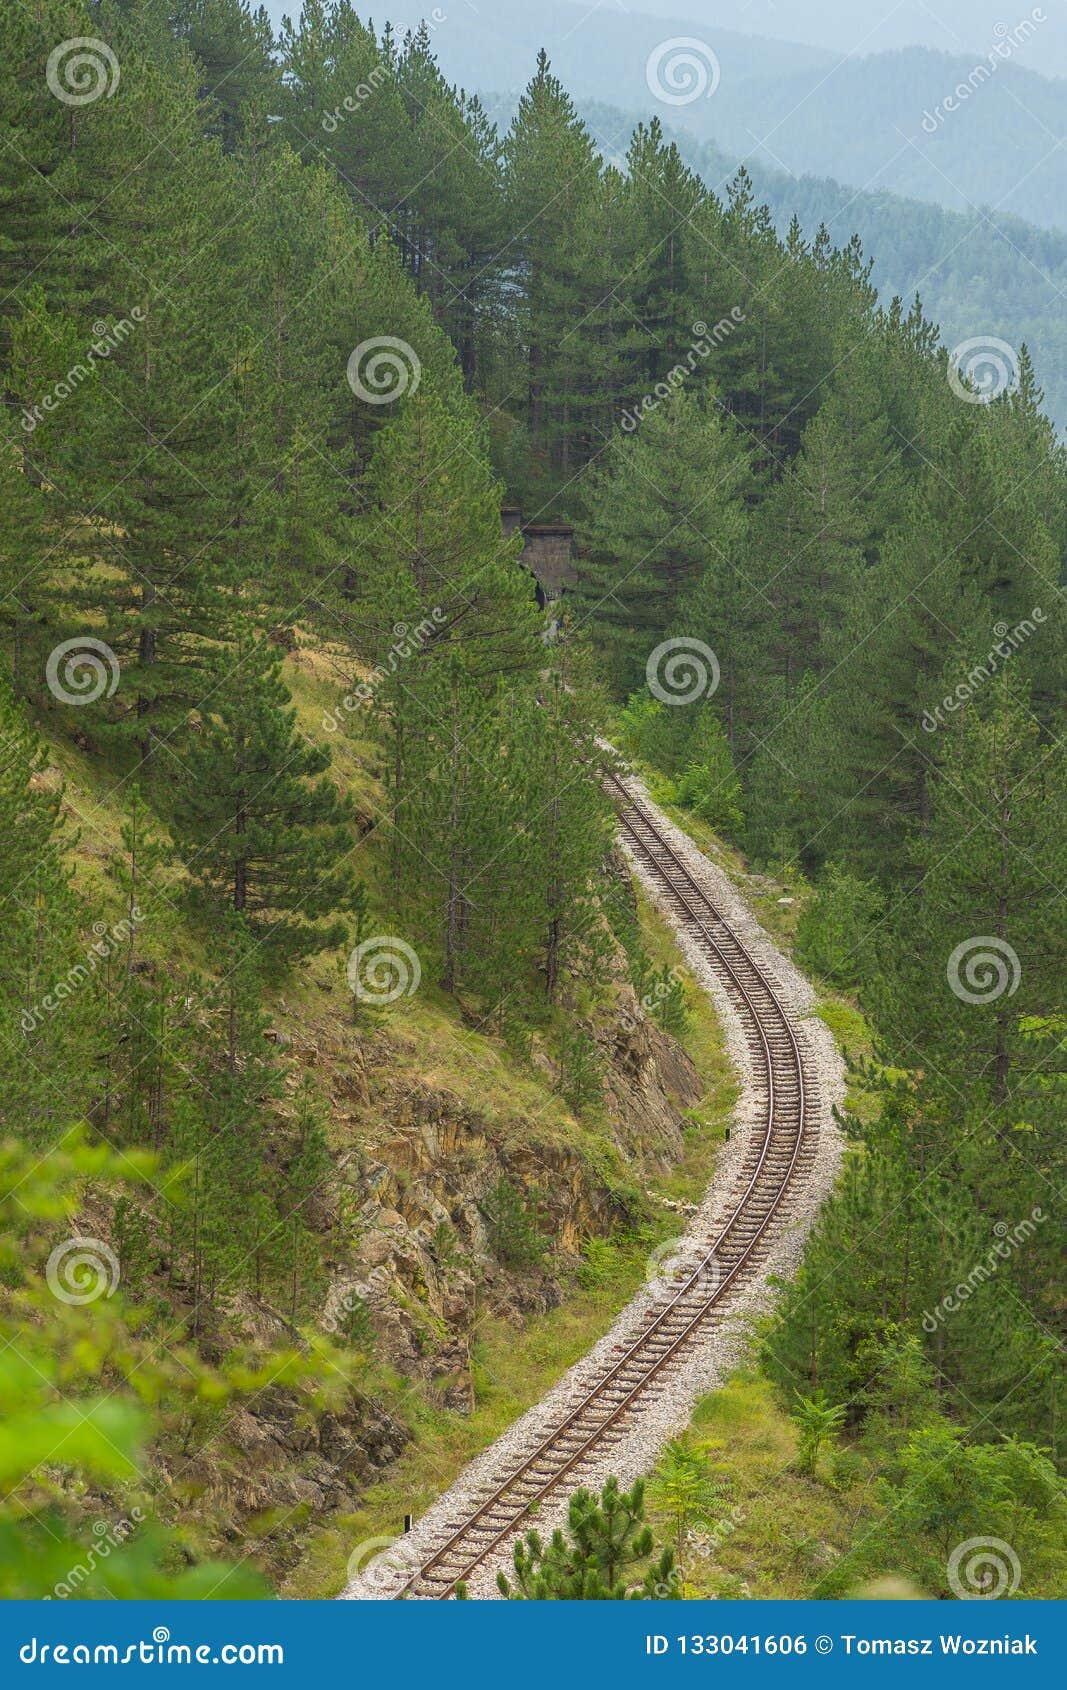 Eisenbahn von Sharganska Osmica zwischen Mokra Gora und Sargan Vitasi, Serbien